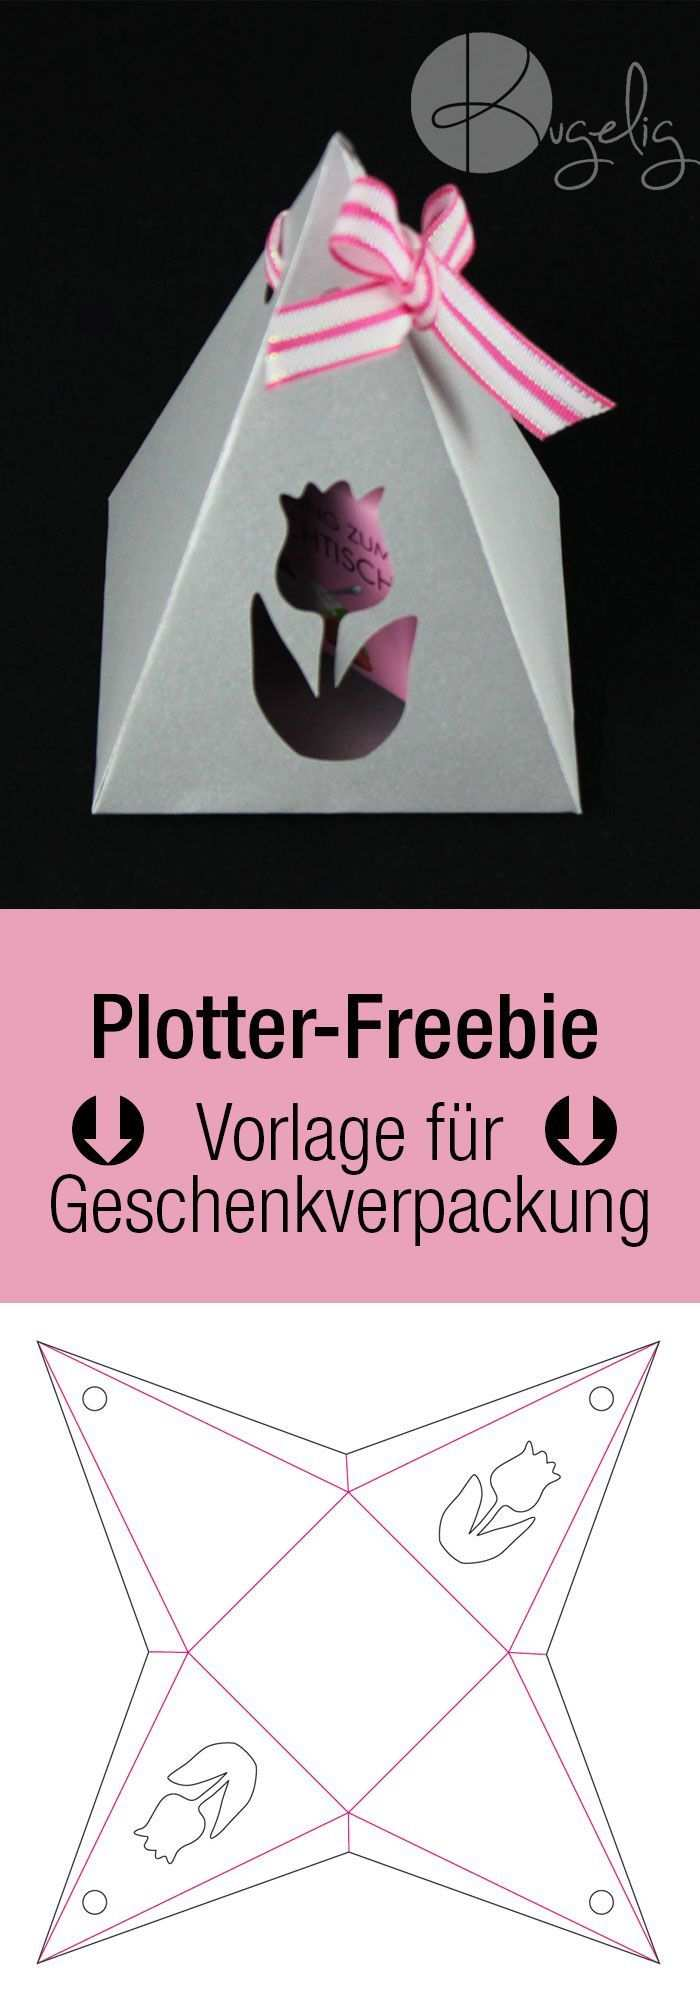 Pyramiden Geschenkverpackung Basteln Plotterfreebie Kugelig Com Geschenkverpackung Basteln Geschenkbox Basteln Vorlage Geschenkbox Basteln